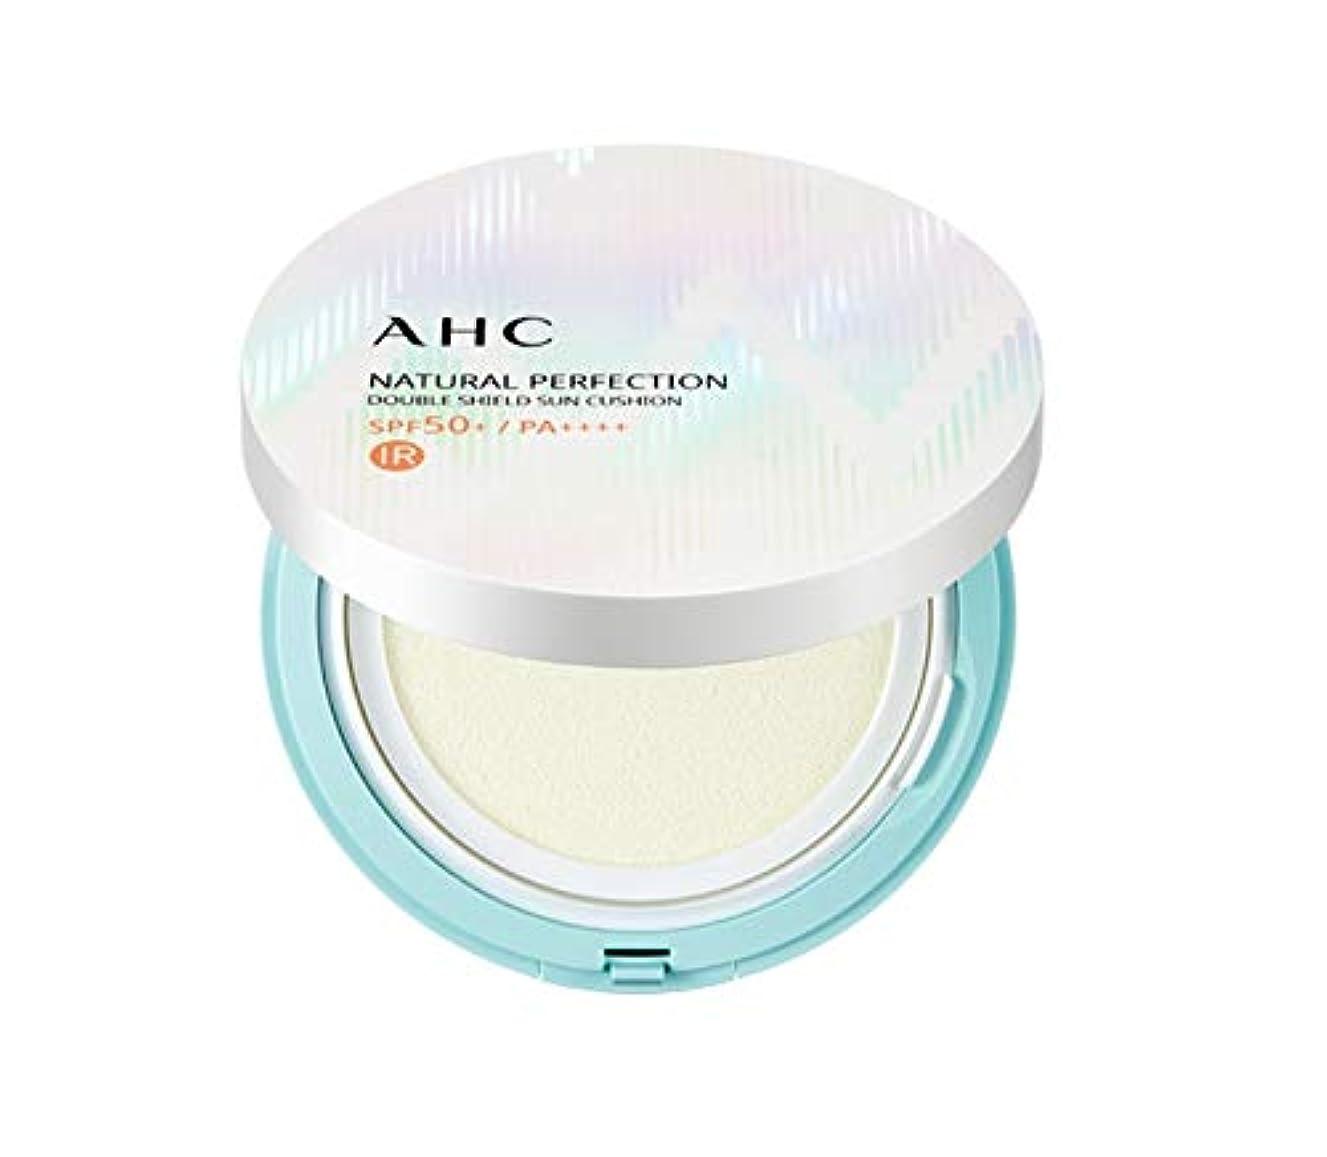 ベルベットトマト野球AHC ナチュラルパーフェクションダブルシールド線クッション ホワイト 25g / AHC NATURAL PERFECTION DOUBLE SHIELD SUN CUSHION WHITE [並行輸入品]